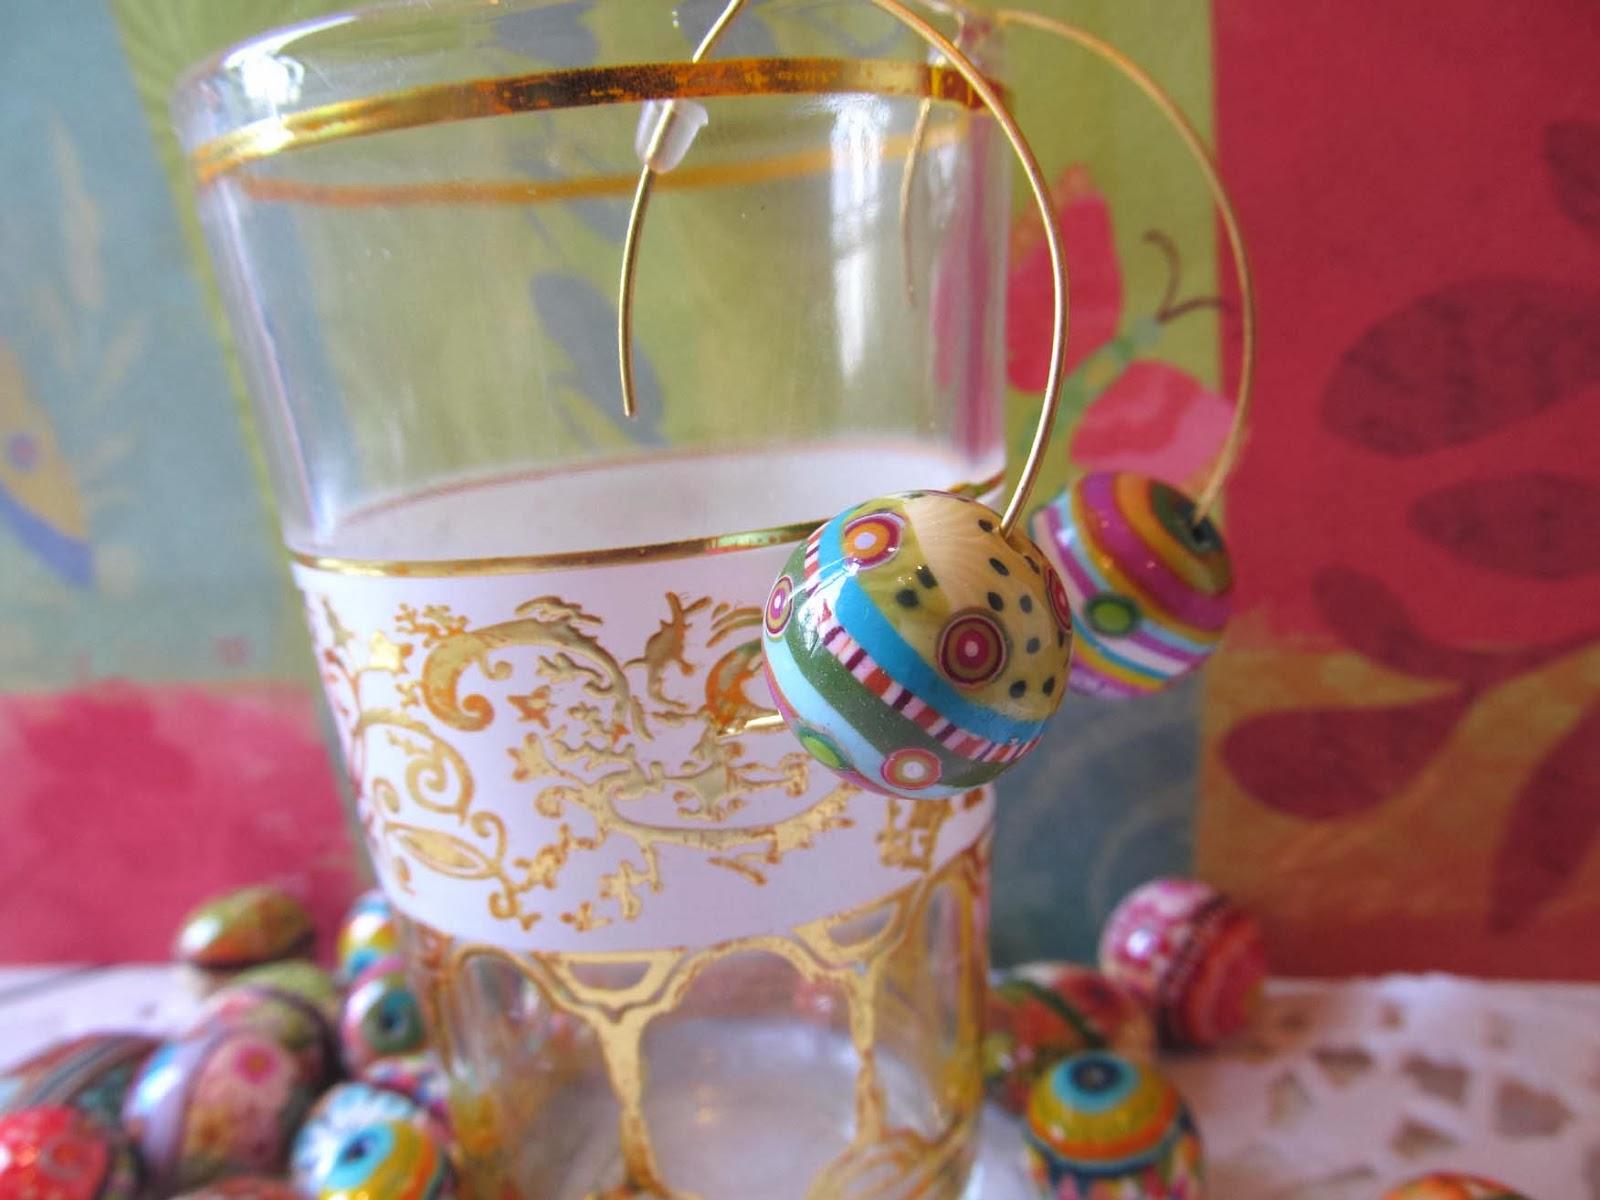 חימר פולימרי, חרוזי פימו,חרוזי חימר פולימרי,גלילי פימו,גלילי חימר פולימרי fimo beads,polymer clay beads,עגילים מפימו,earring fimo